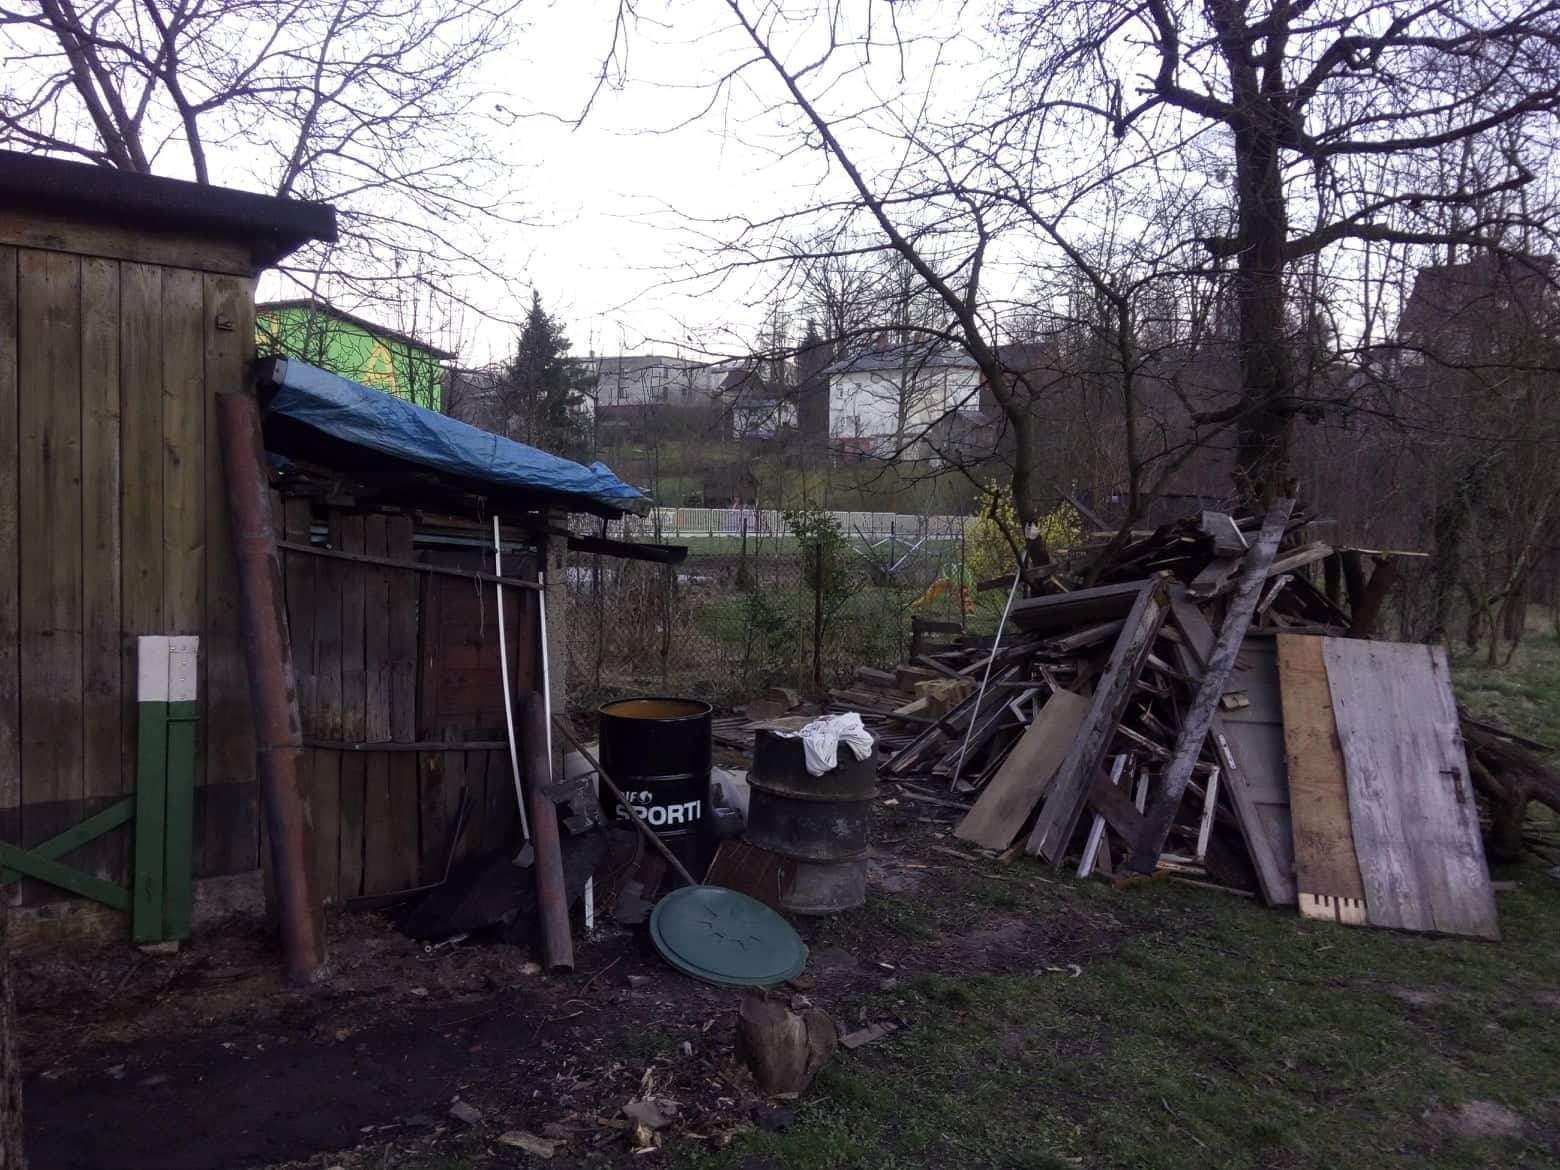 Náš boj - Tak ďalší víkend, včera manžel zhodil jednu zo šop na záhrade :D cez týždeň snáď už dokončíme okná a prídu topenari..